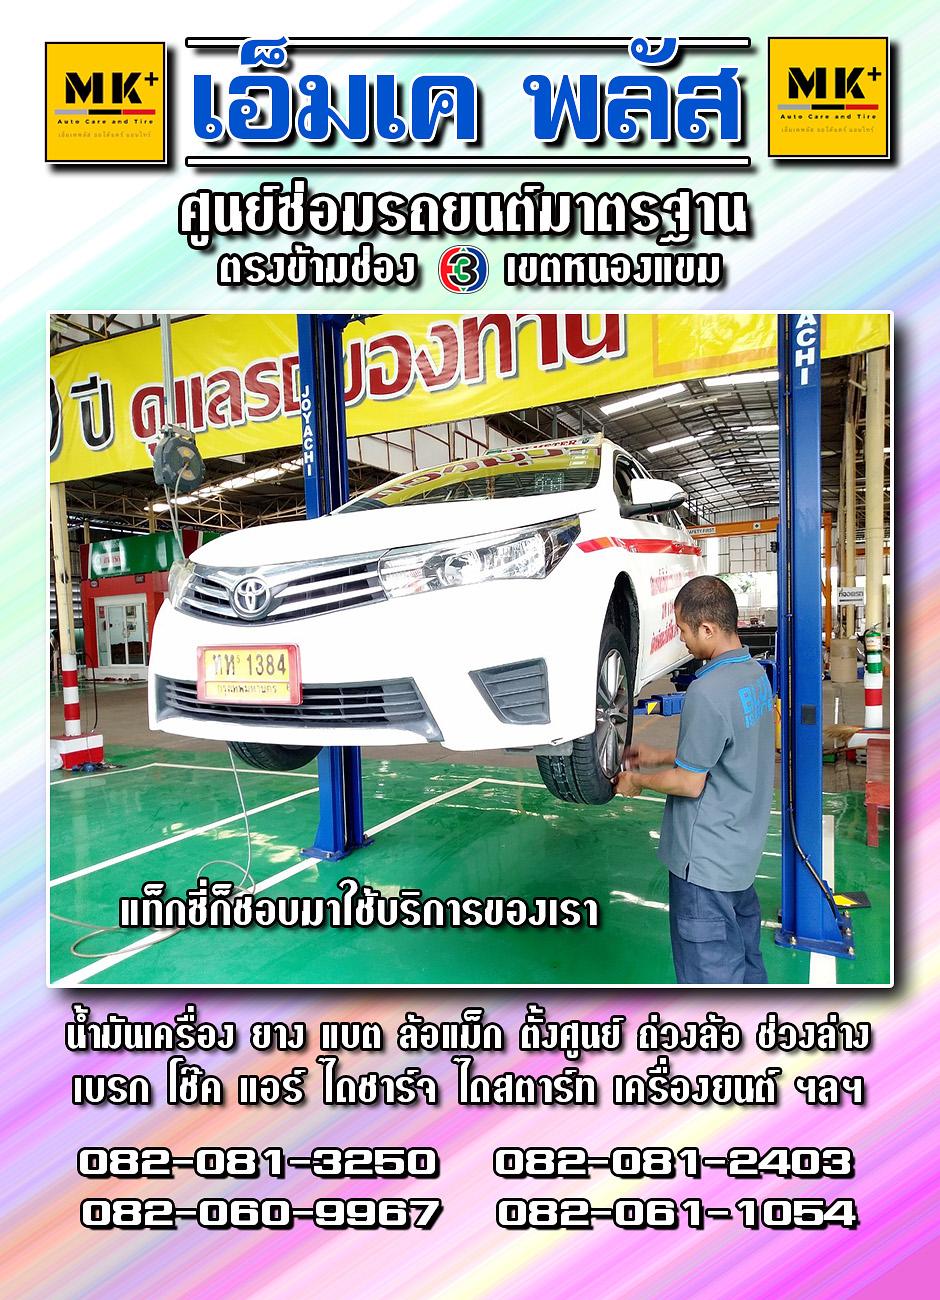 ซ่อมแท็กซี่ พุทธมณฑล